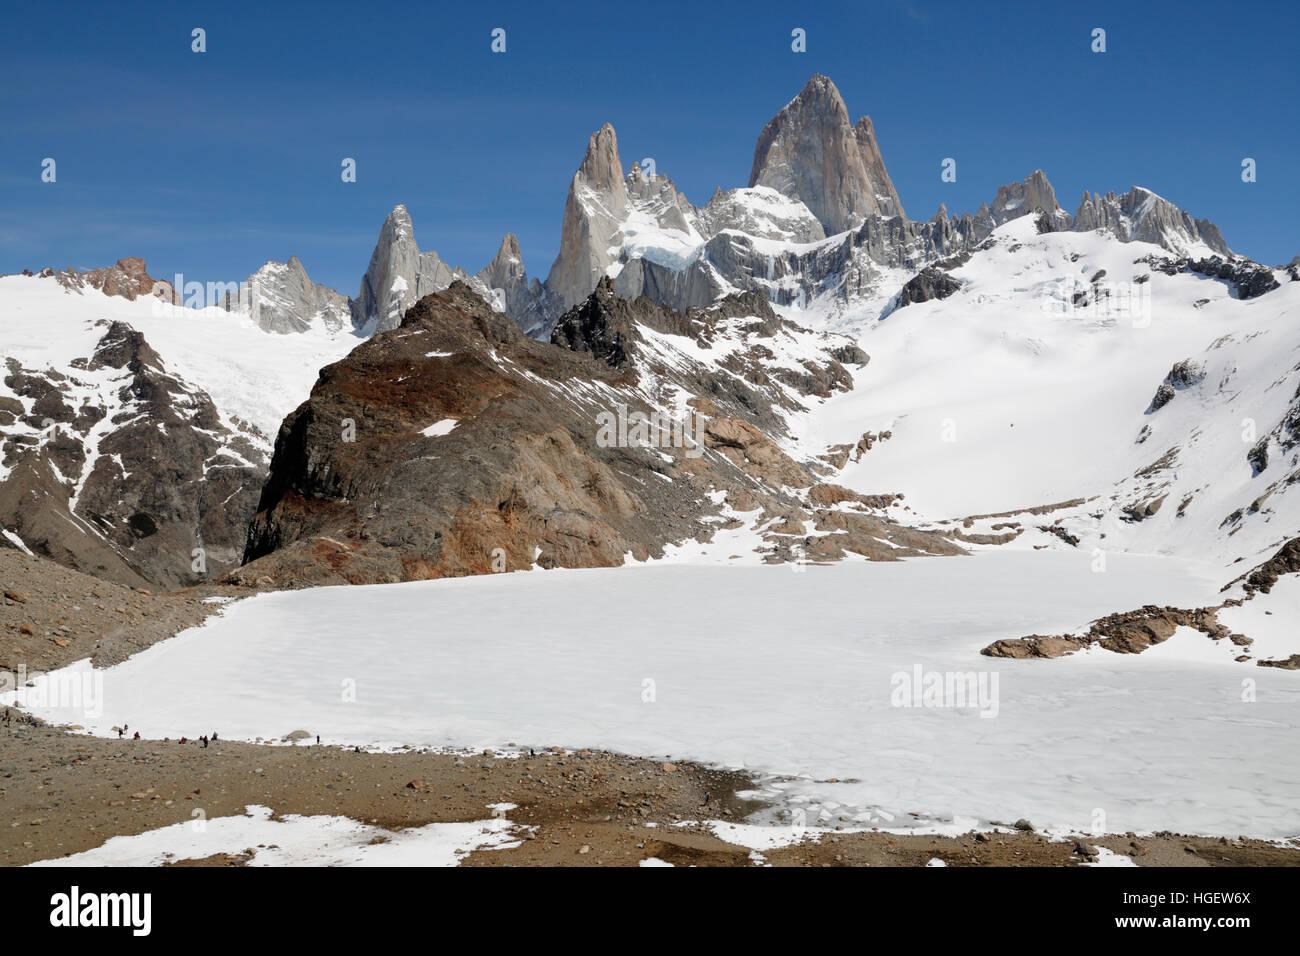 Laguna de Los Tres und Mount Fitz Roy, El Chalten, Patagonien, Argentinien, Südamerika Stockbild